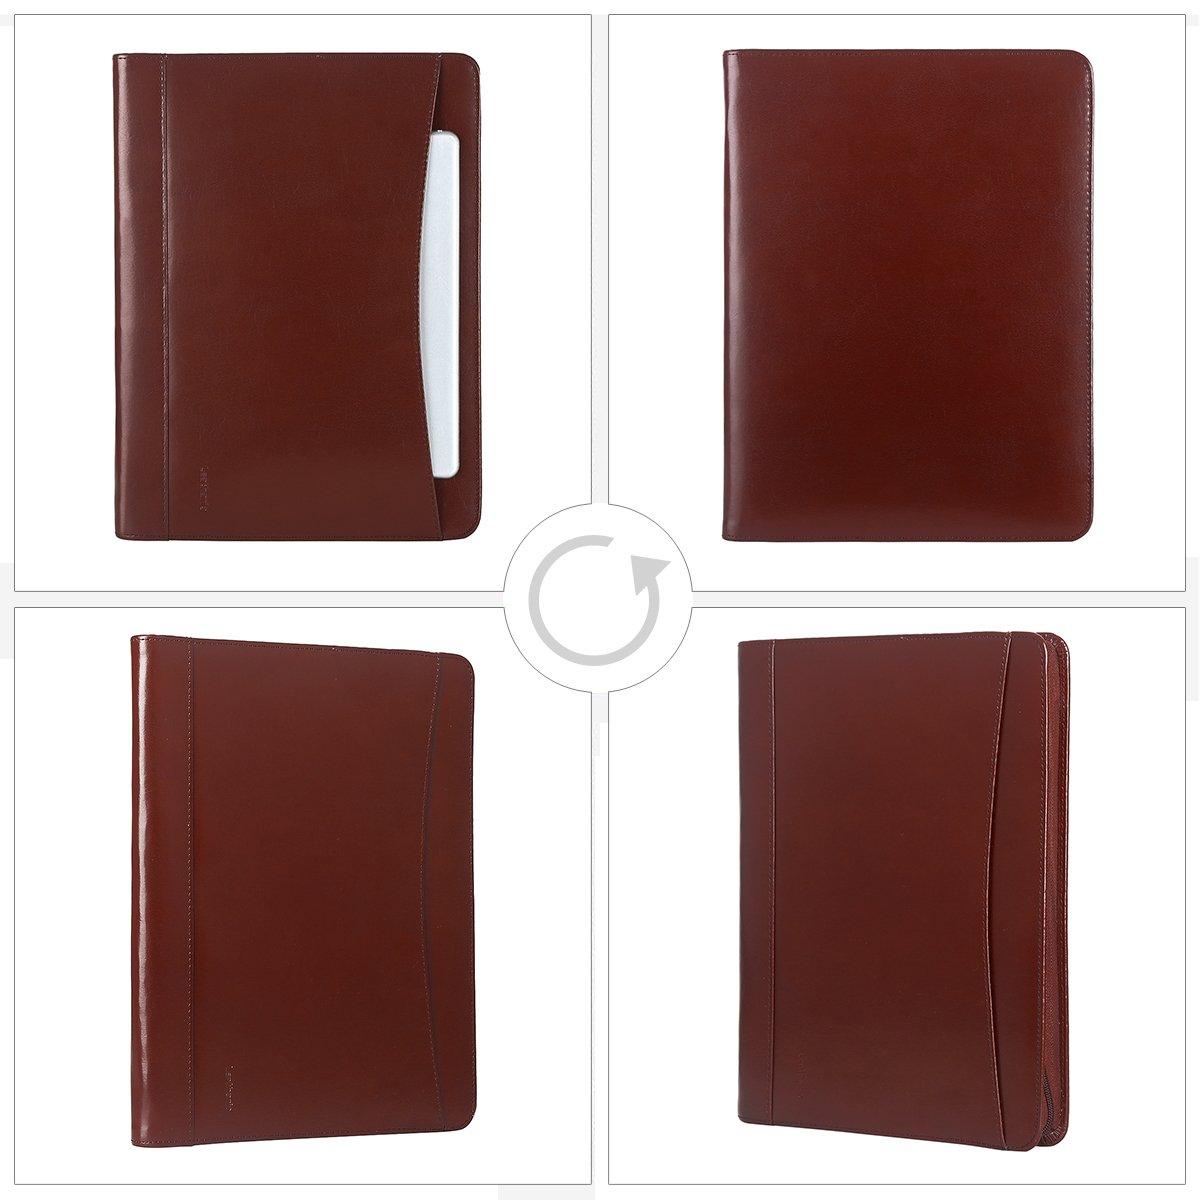 bde60694c942 Leathario-Portfolio A4 en cuir PU pour bureau, porte document en ...